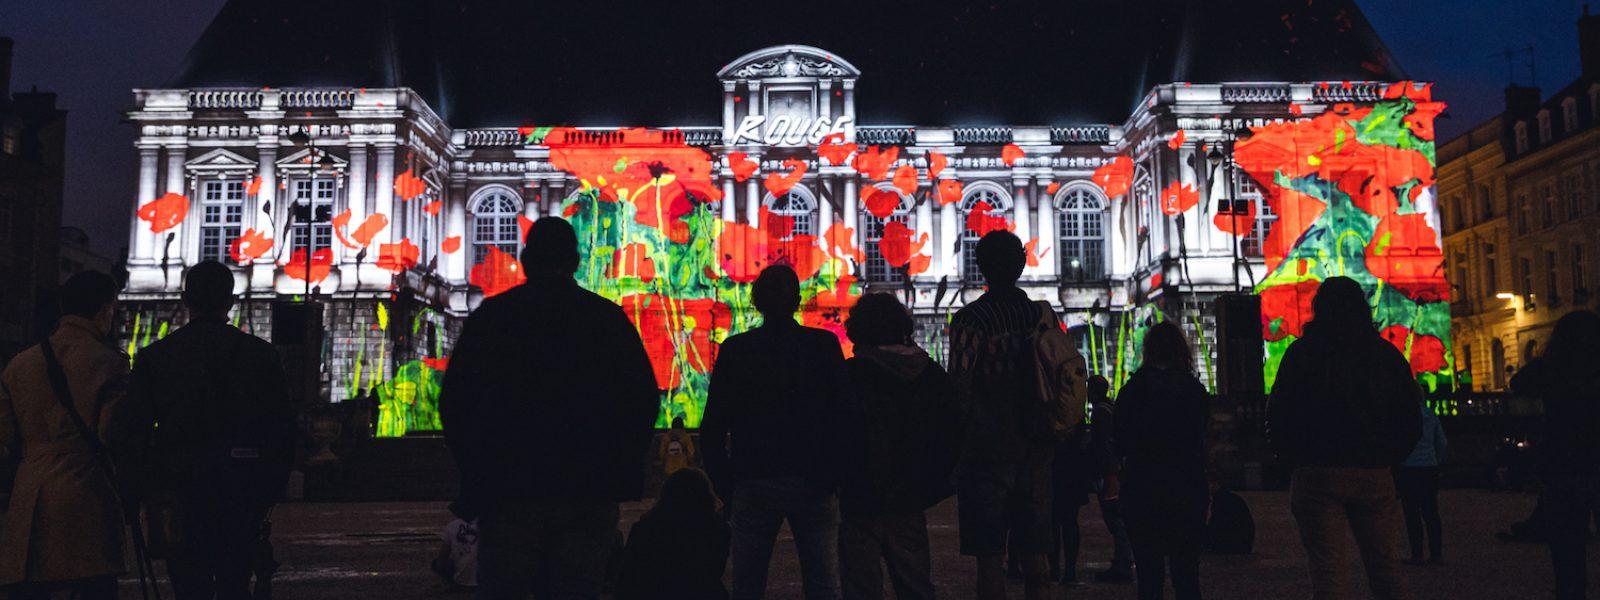 Les projections sur le Parlement de Bretagne